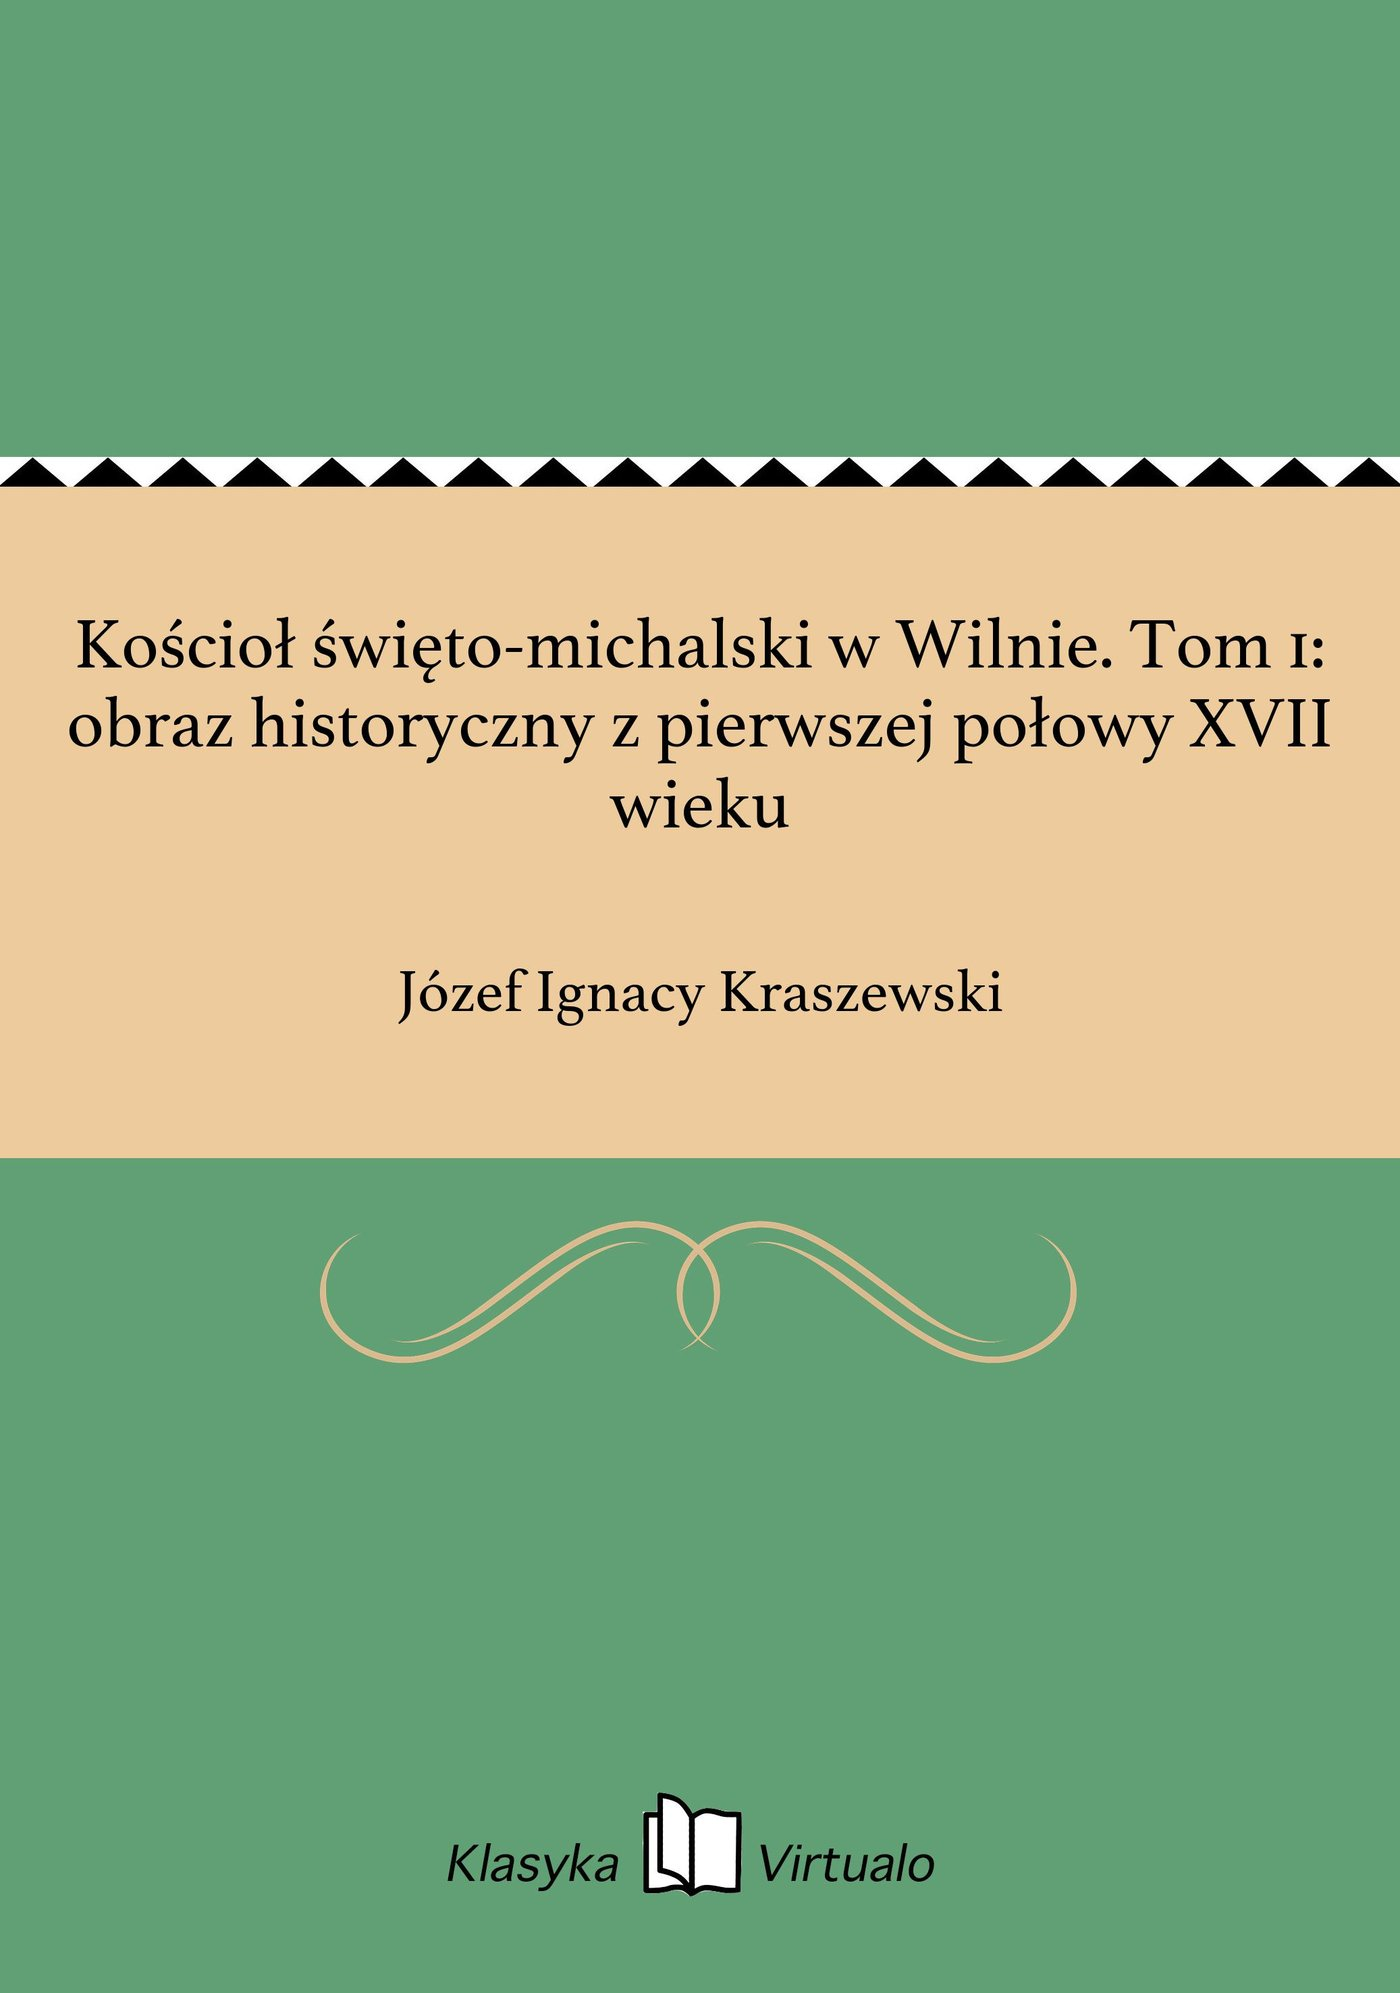 Kościoł święto-michalski w Wilnie. Tom 1: obraz historyczny z pierwszej połowy XVII wieku - Ebook (Książka EPUB) do pobrania w formacie EPUB